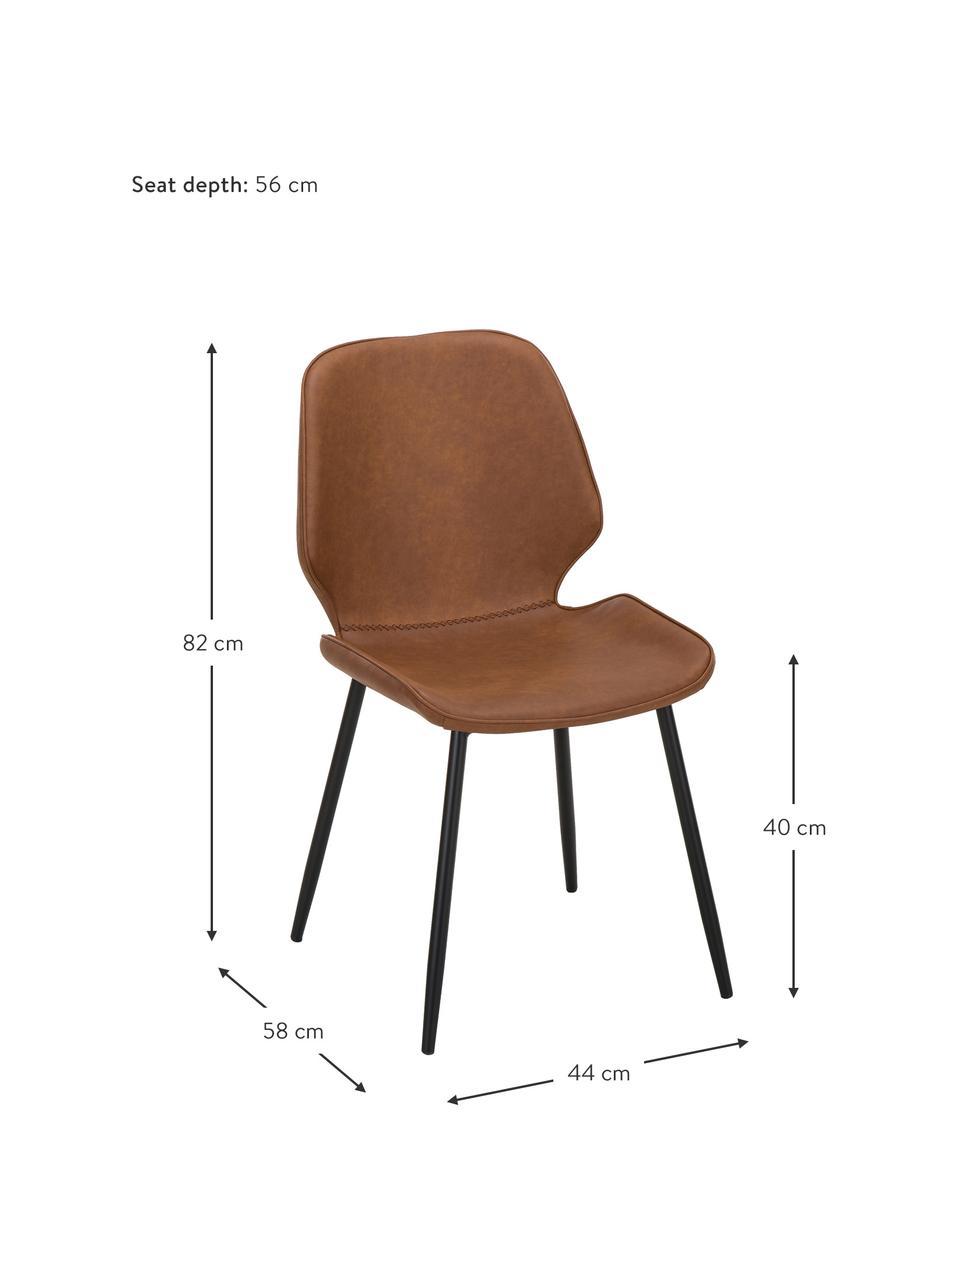 Imitatieleren gestoffeerde stoelen Louis, 2 stuks, Bekleding: kunstleer (65% polyethyle, Poten: gepoedercoat metaal, Cognackleurig, 44 x 58 cm